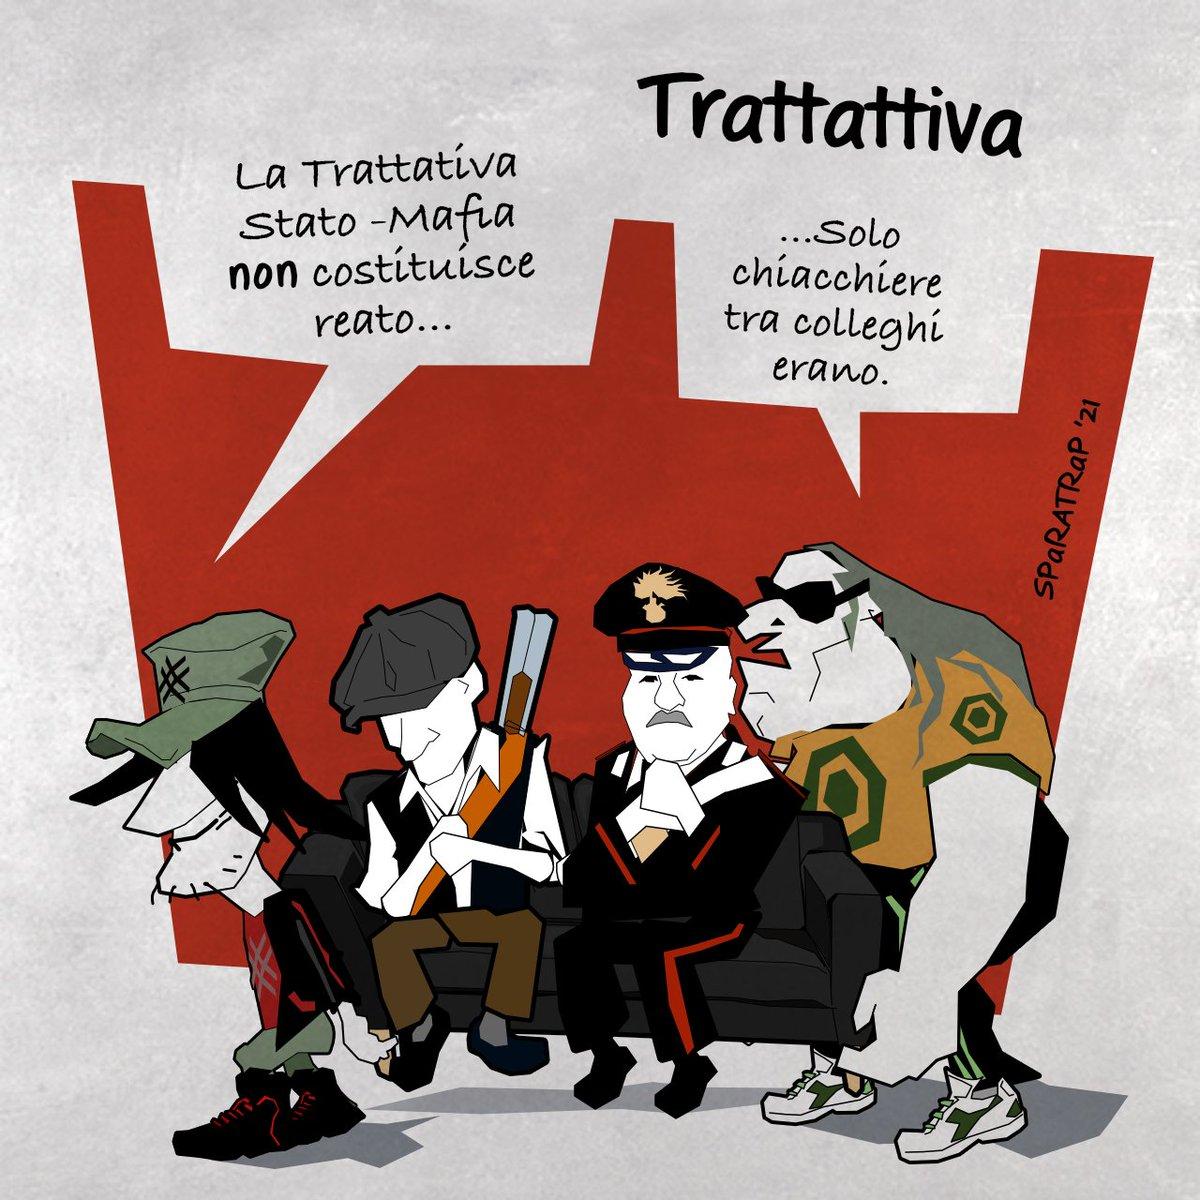 #trattativastatomafia